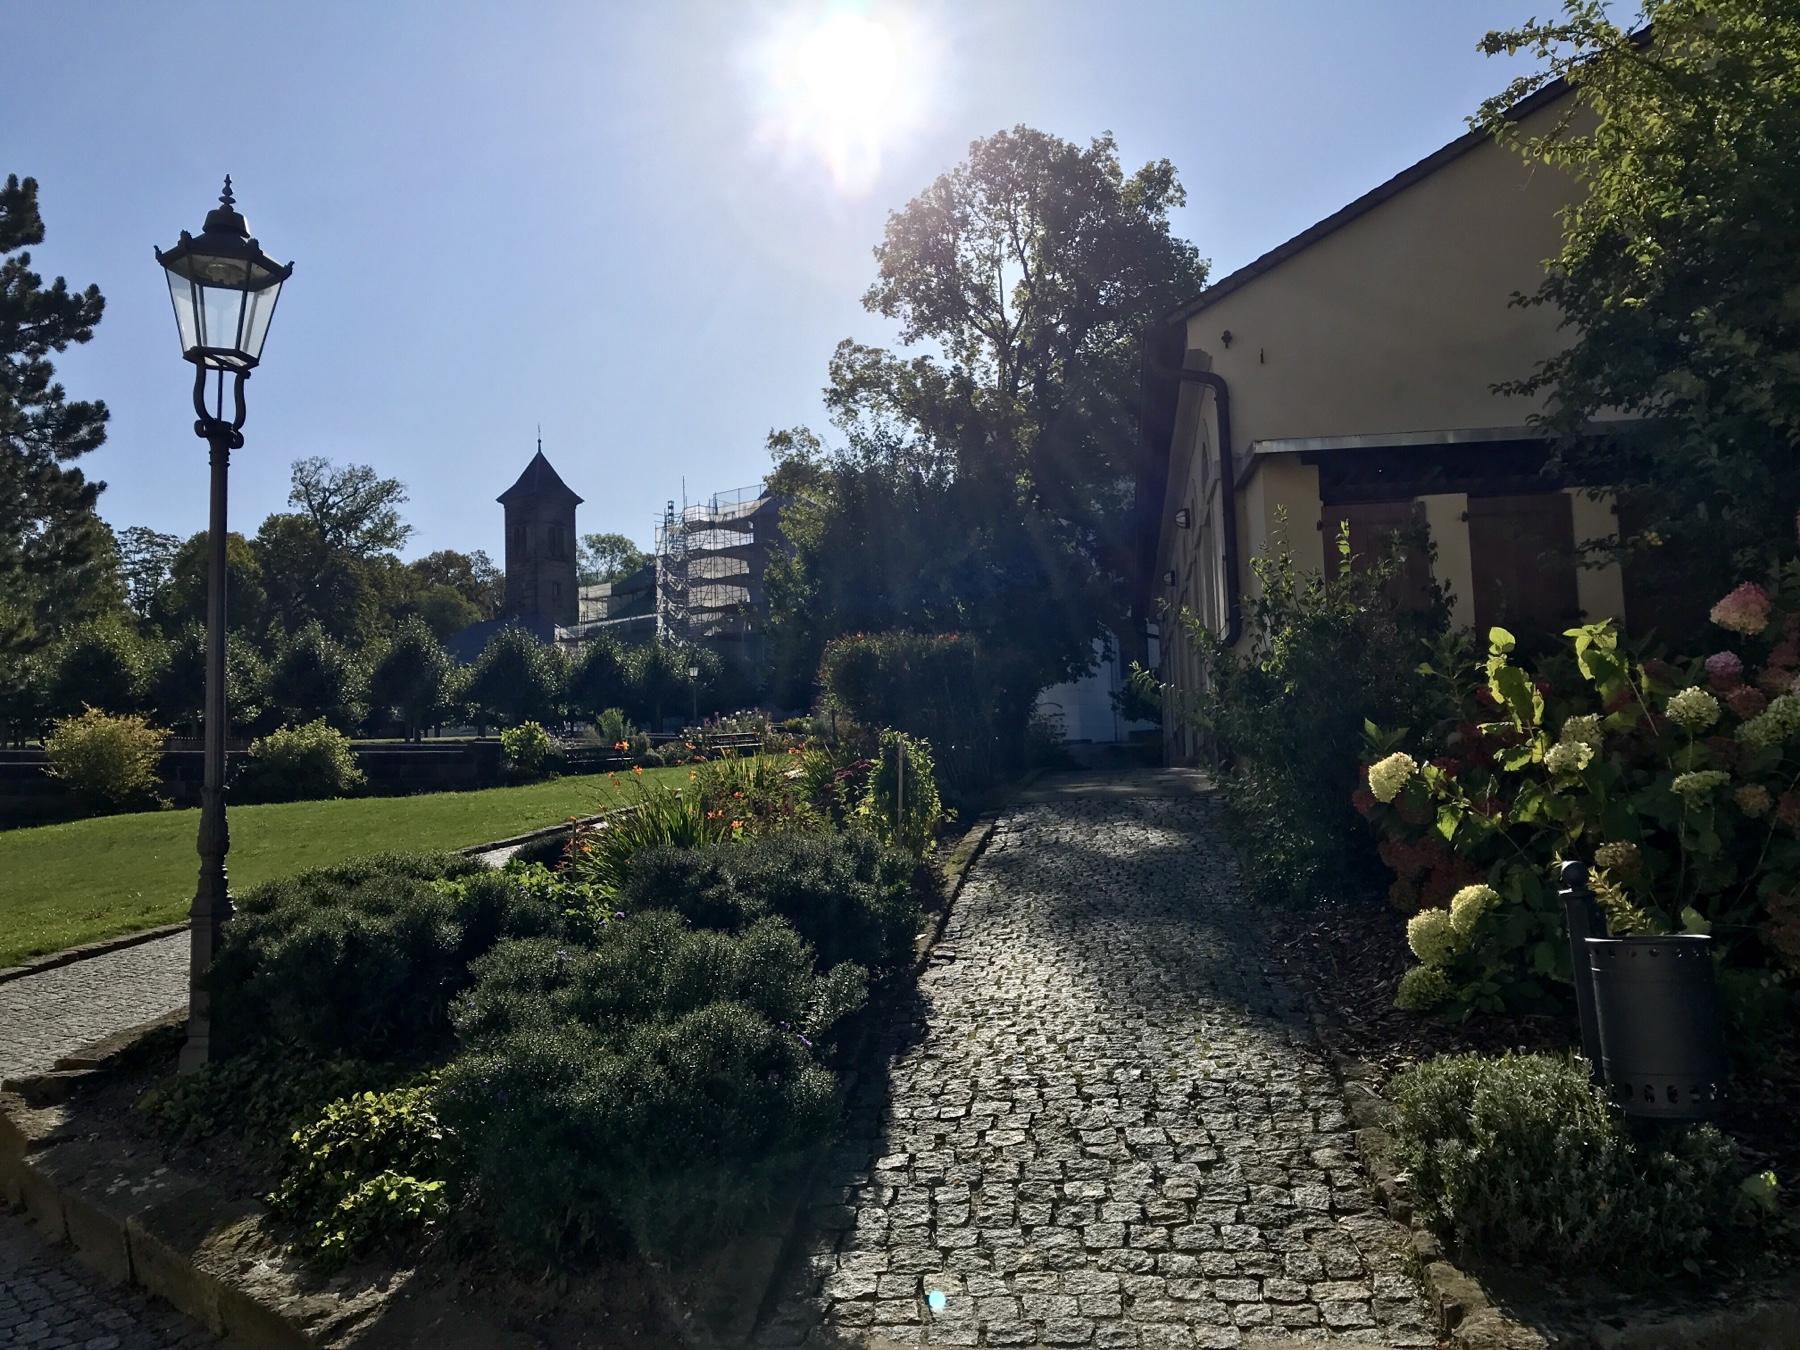 Kommandantengarten, Festung Königstein, Malerweg